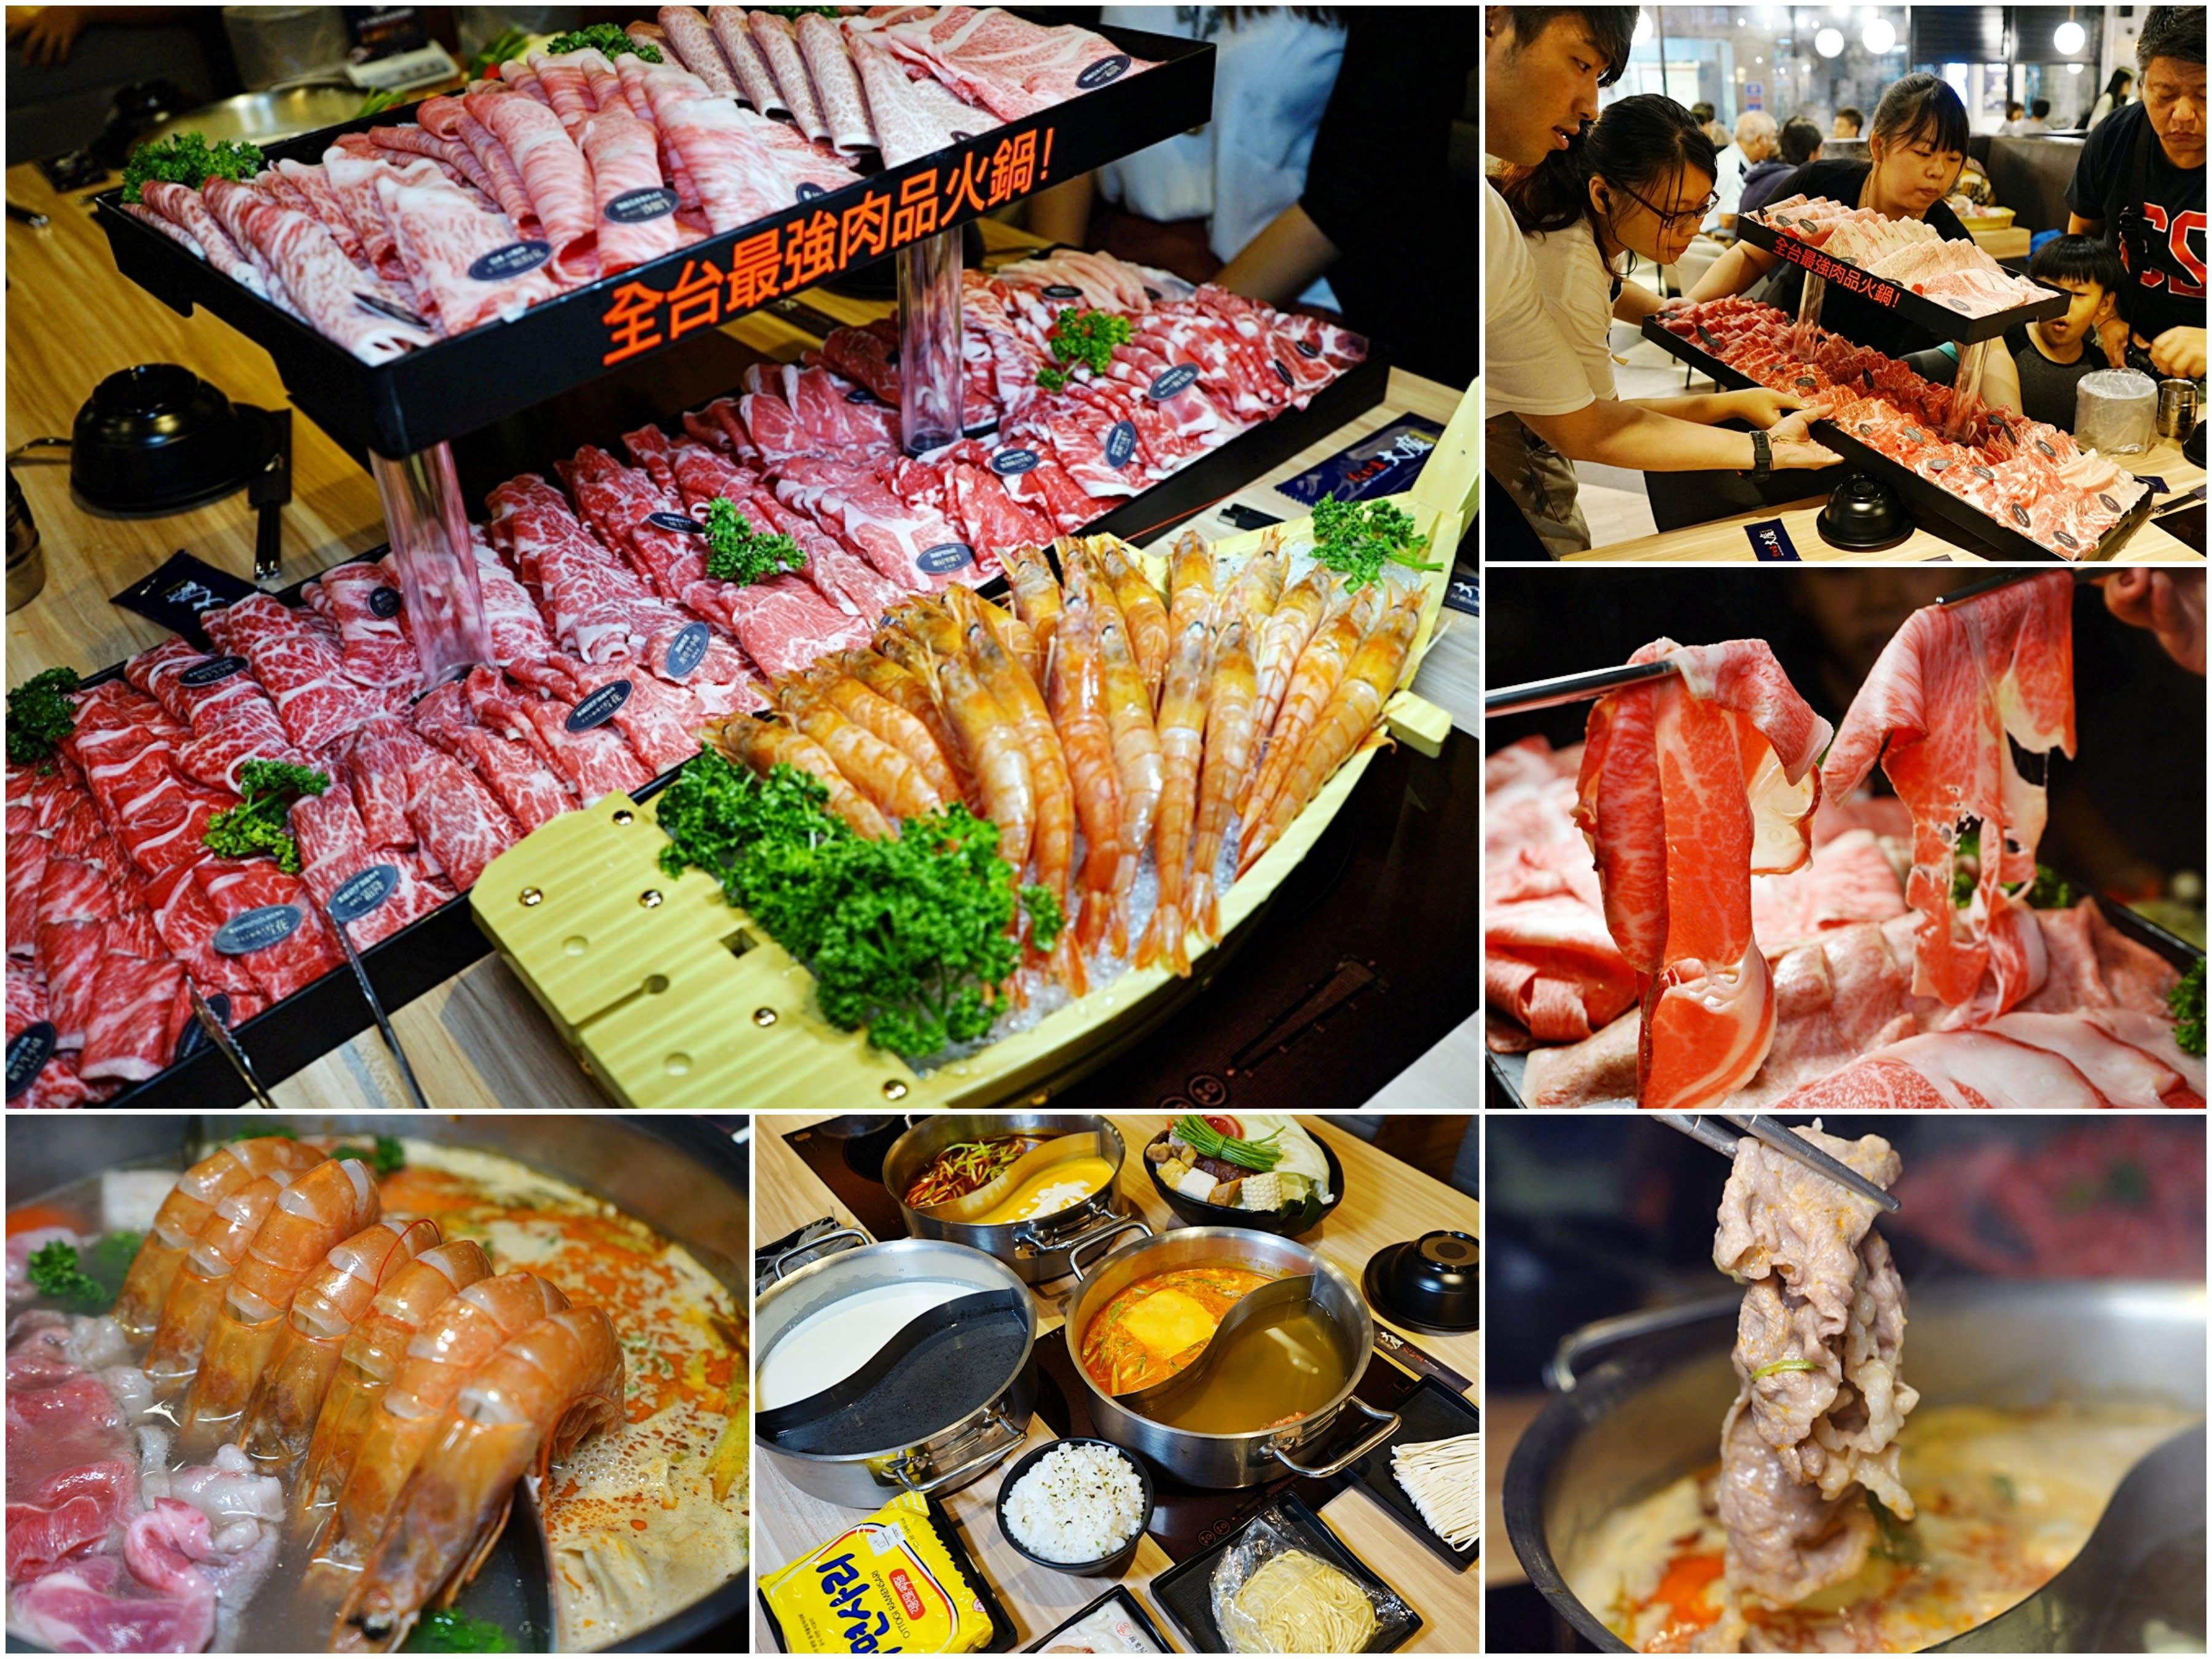 『新北。板橋』 大魔大滿足鍋物(板橋店)|全台最強肉品火鍋 各國頂級A5和牛大集合!請tag你身邊愛吃肉的朋友,吃一次撐一年的概念。慶生、聚餐、人多一起來挑戰吃全台最強和牛火鍋最適合。